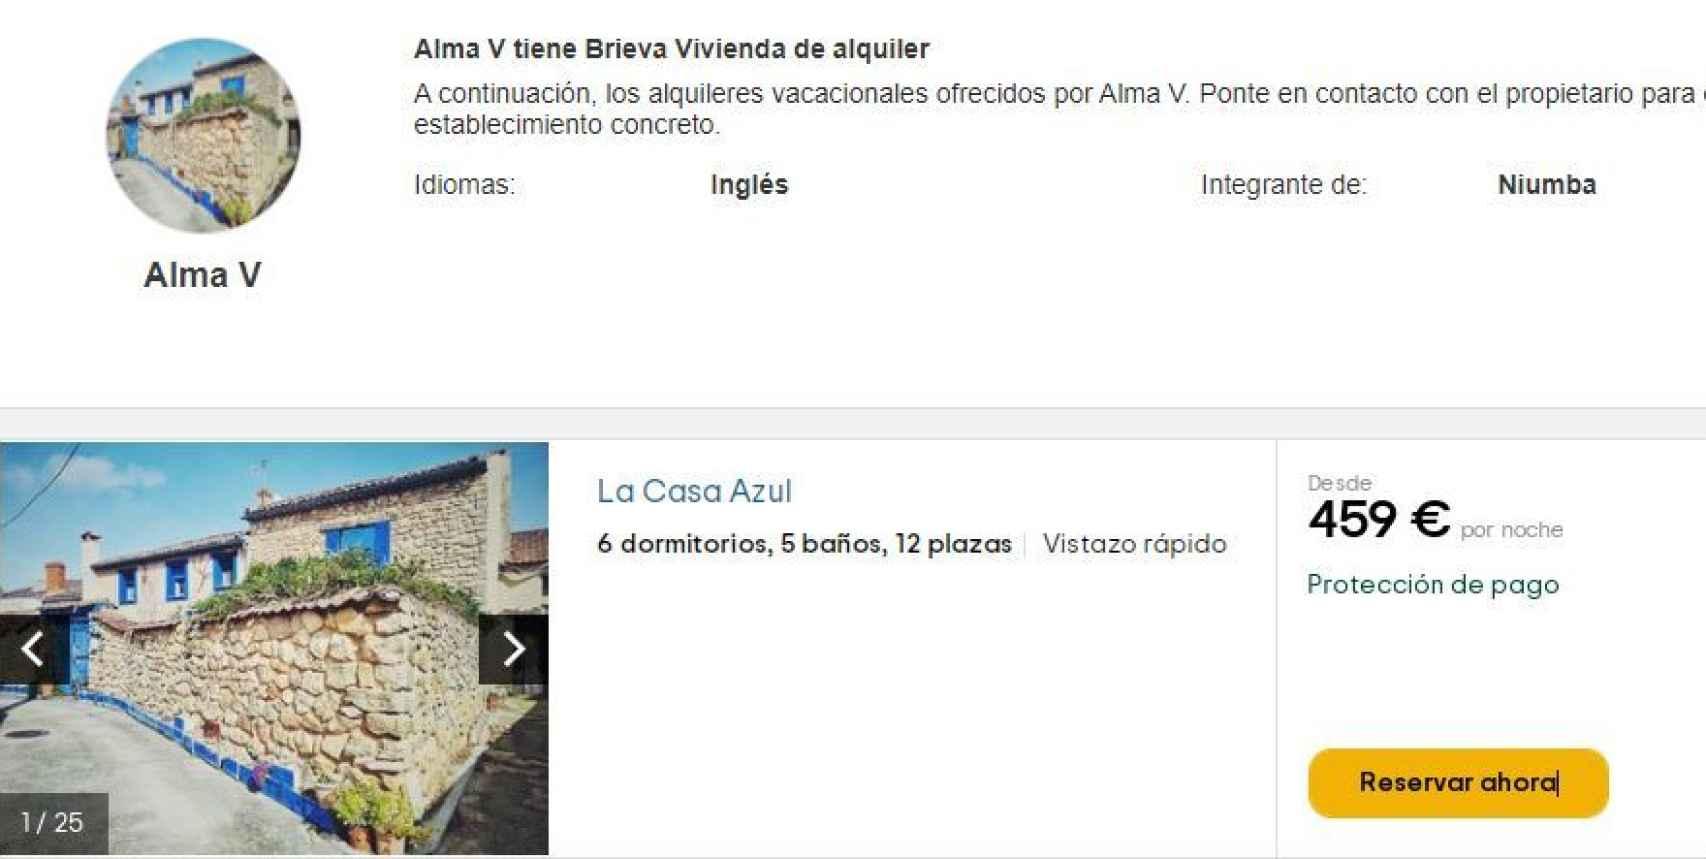 La nieta de Lucía Bosé gestiona los alquileres de la vivienda de la fallecida actriz italiana.